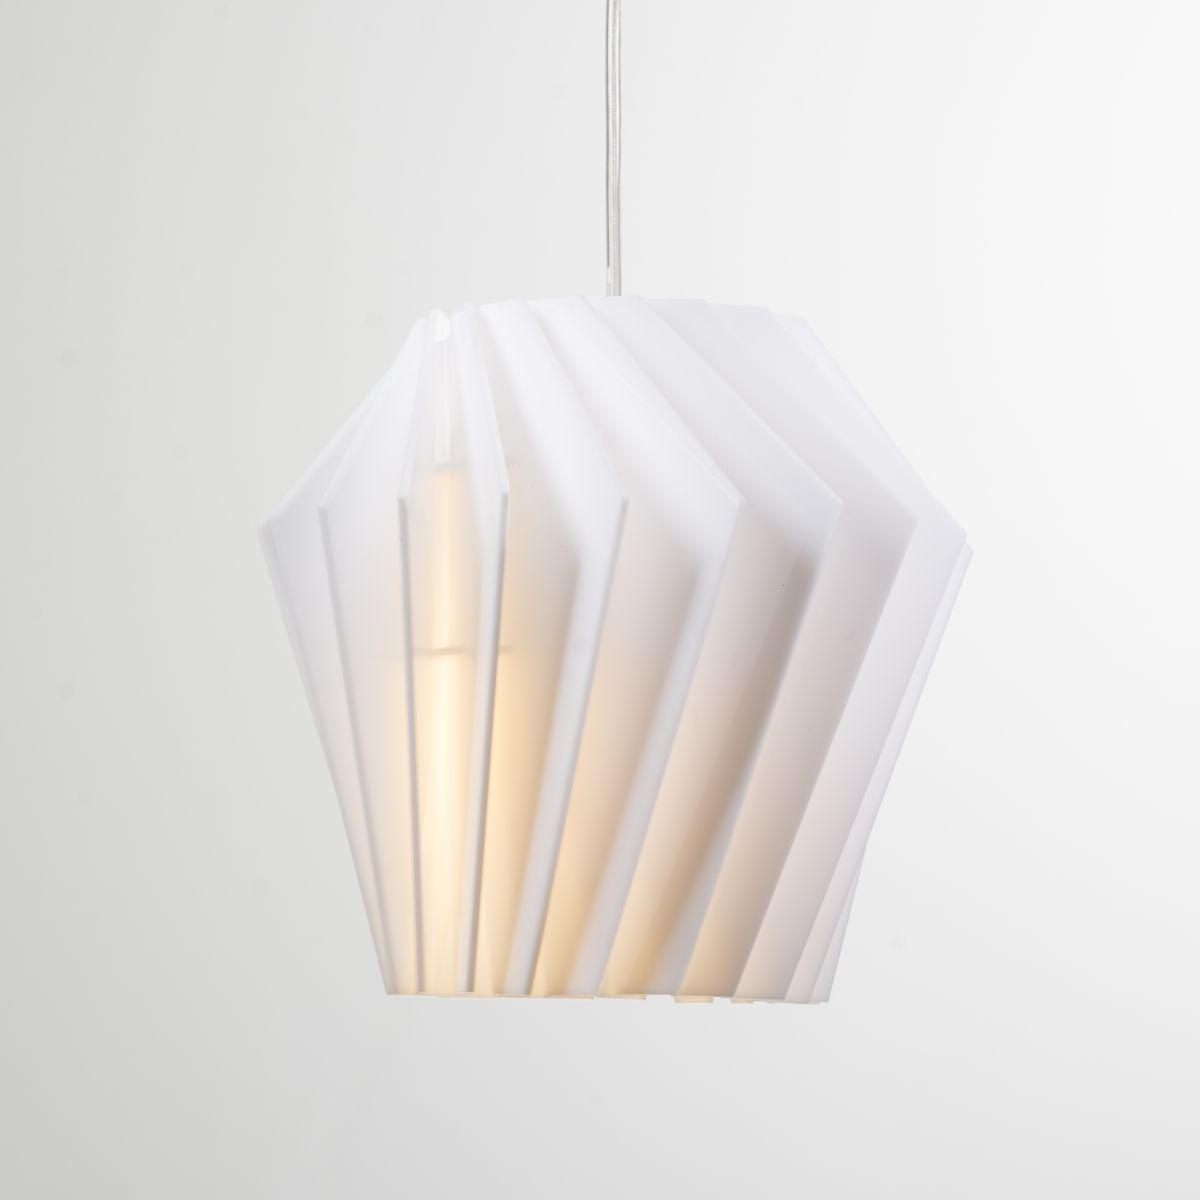 Турболампа из акрила, средняя (подвесной/настольный светильник)